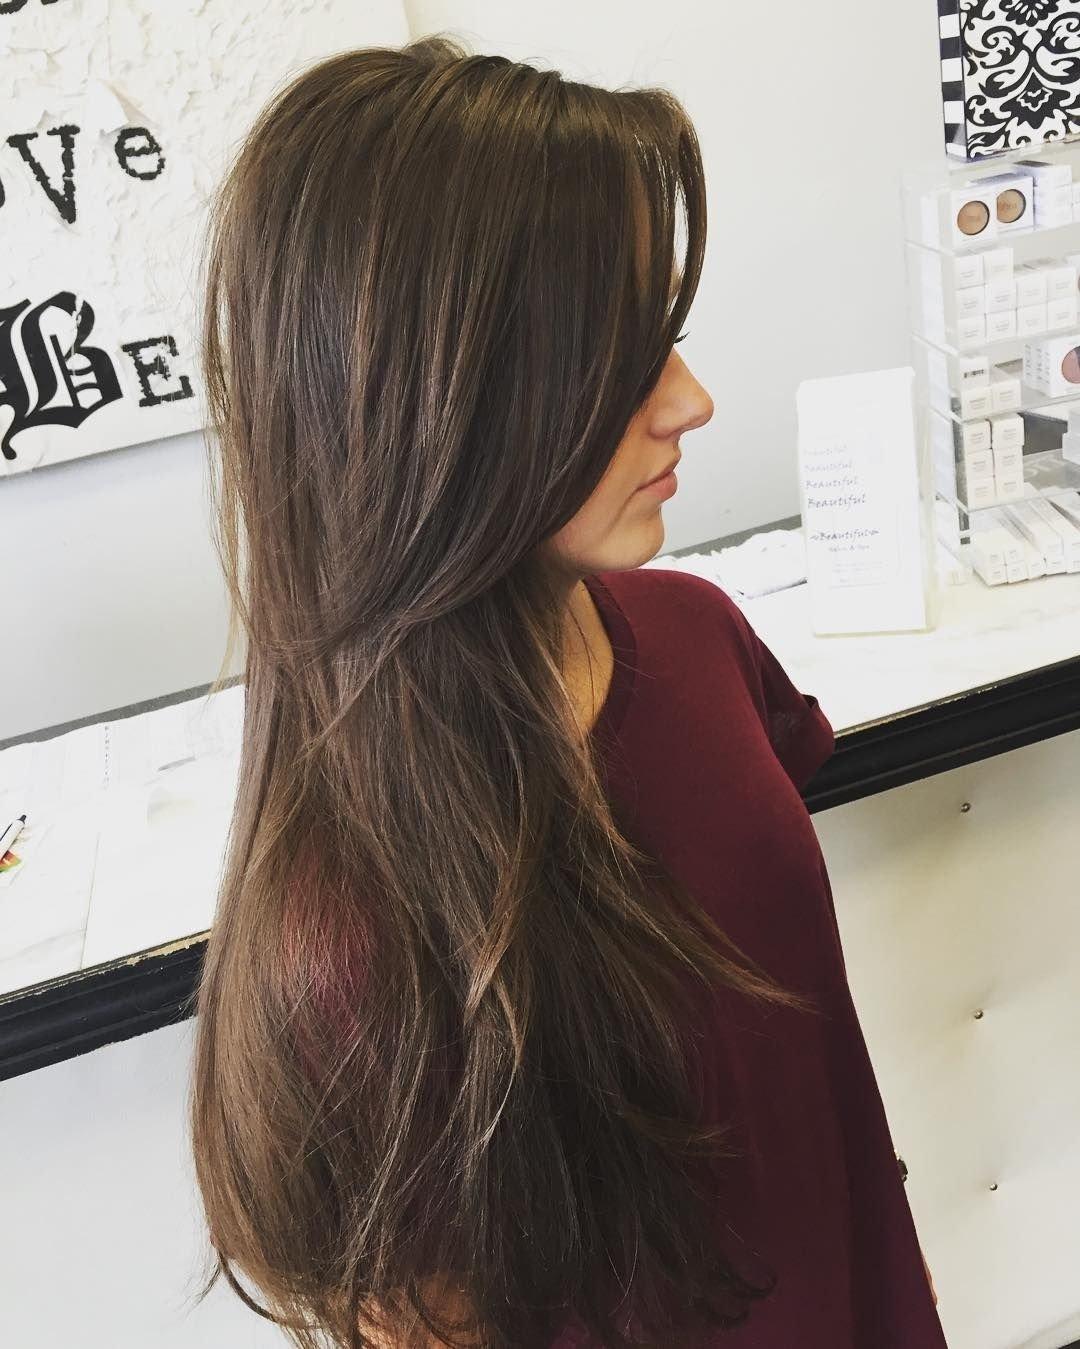 10 Elegant Haircut Ideas For Long Hair long layers for thin hair pinteres 1 2020